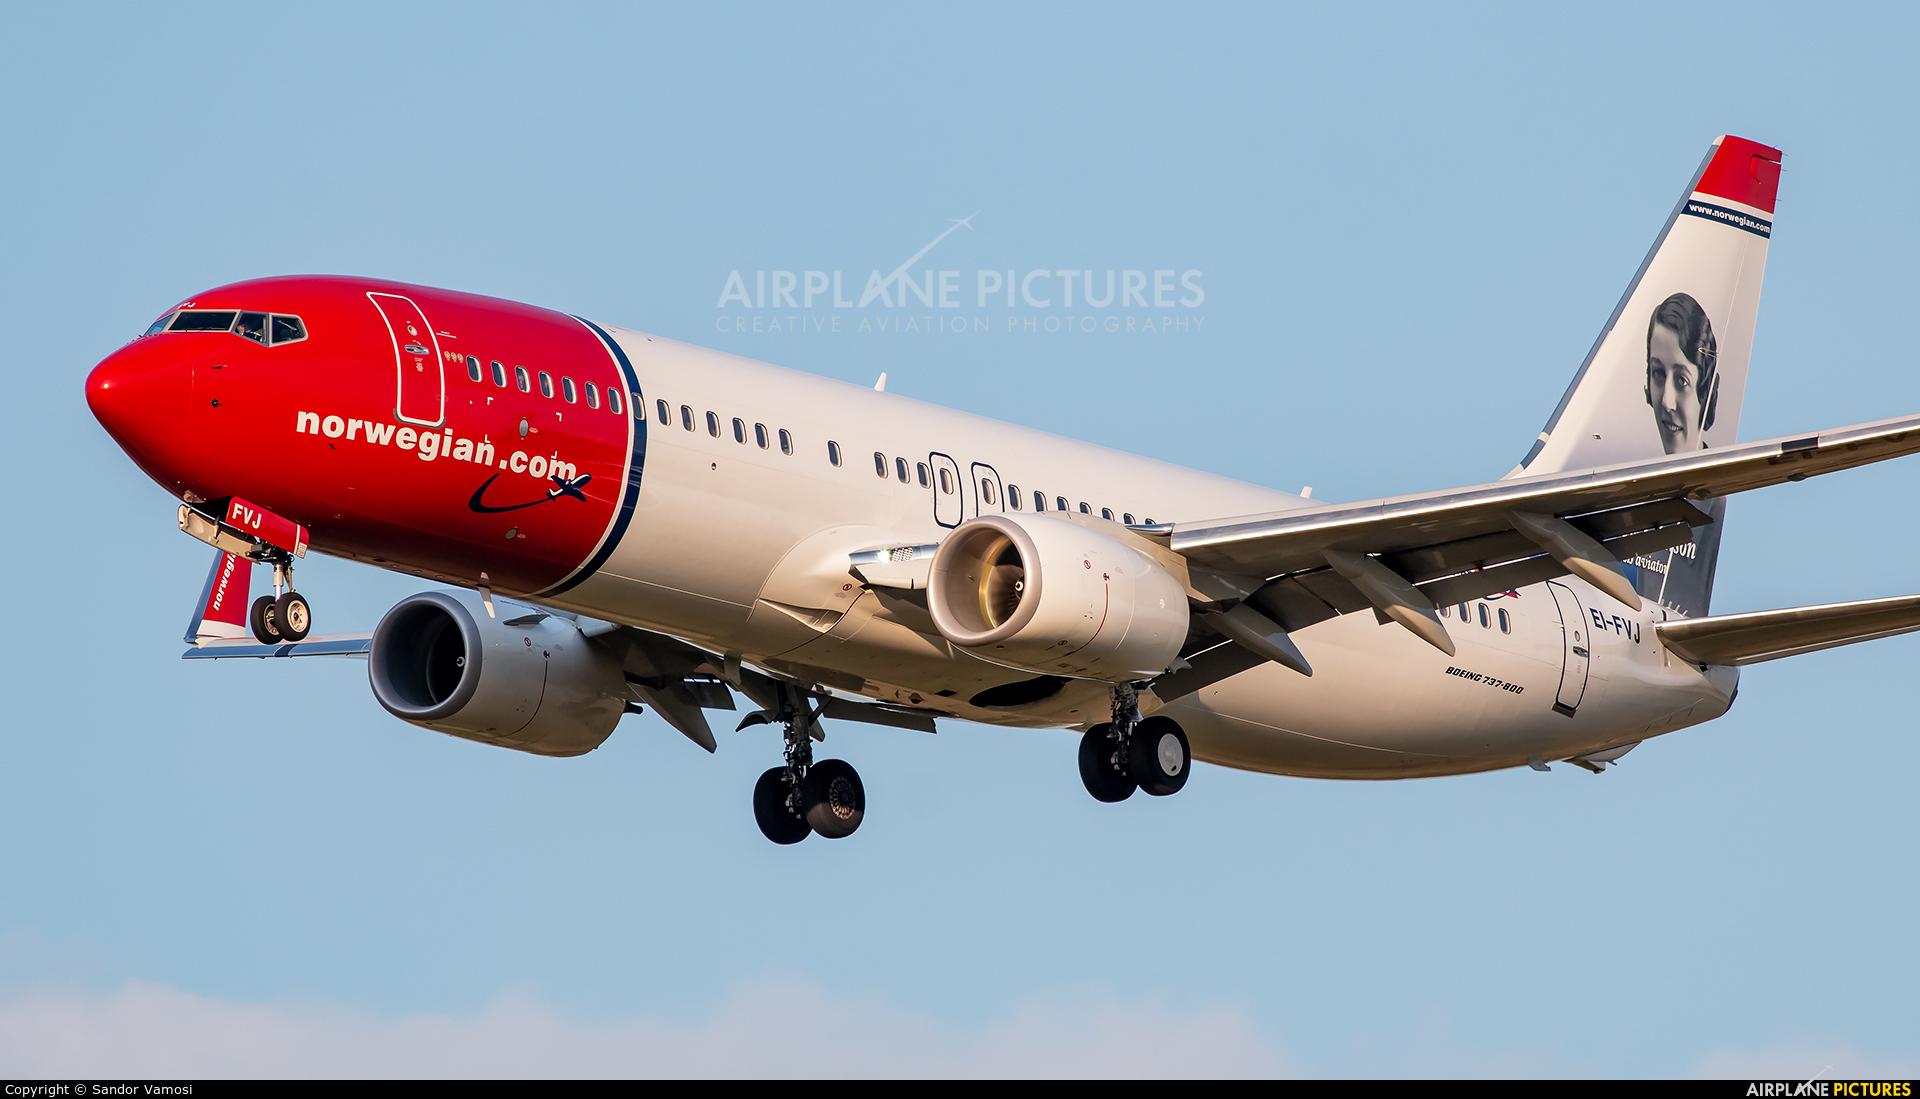 Norwegian Air Shuttle EI-FVJ aircraft at Budapest Ferenc Liszt International Airport